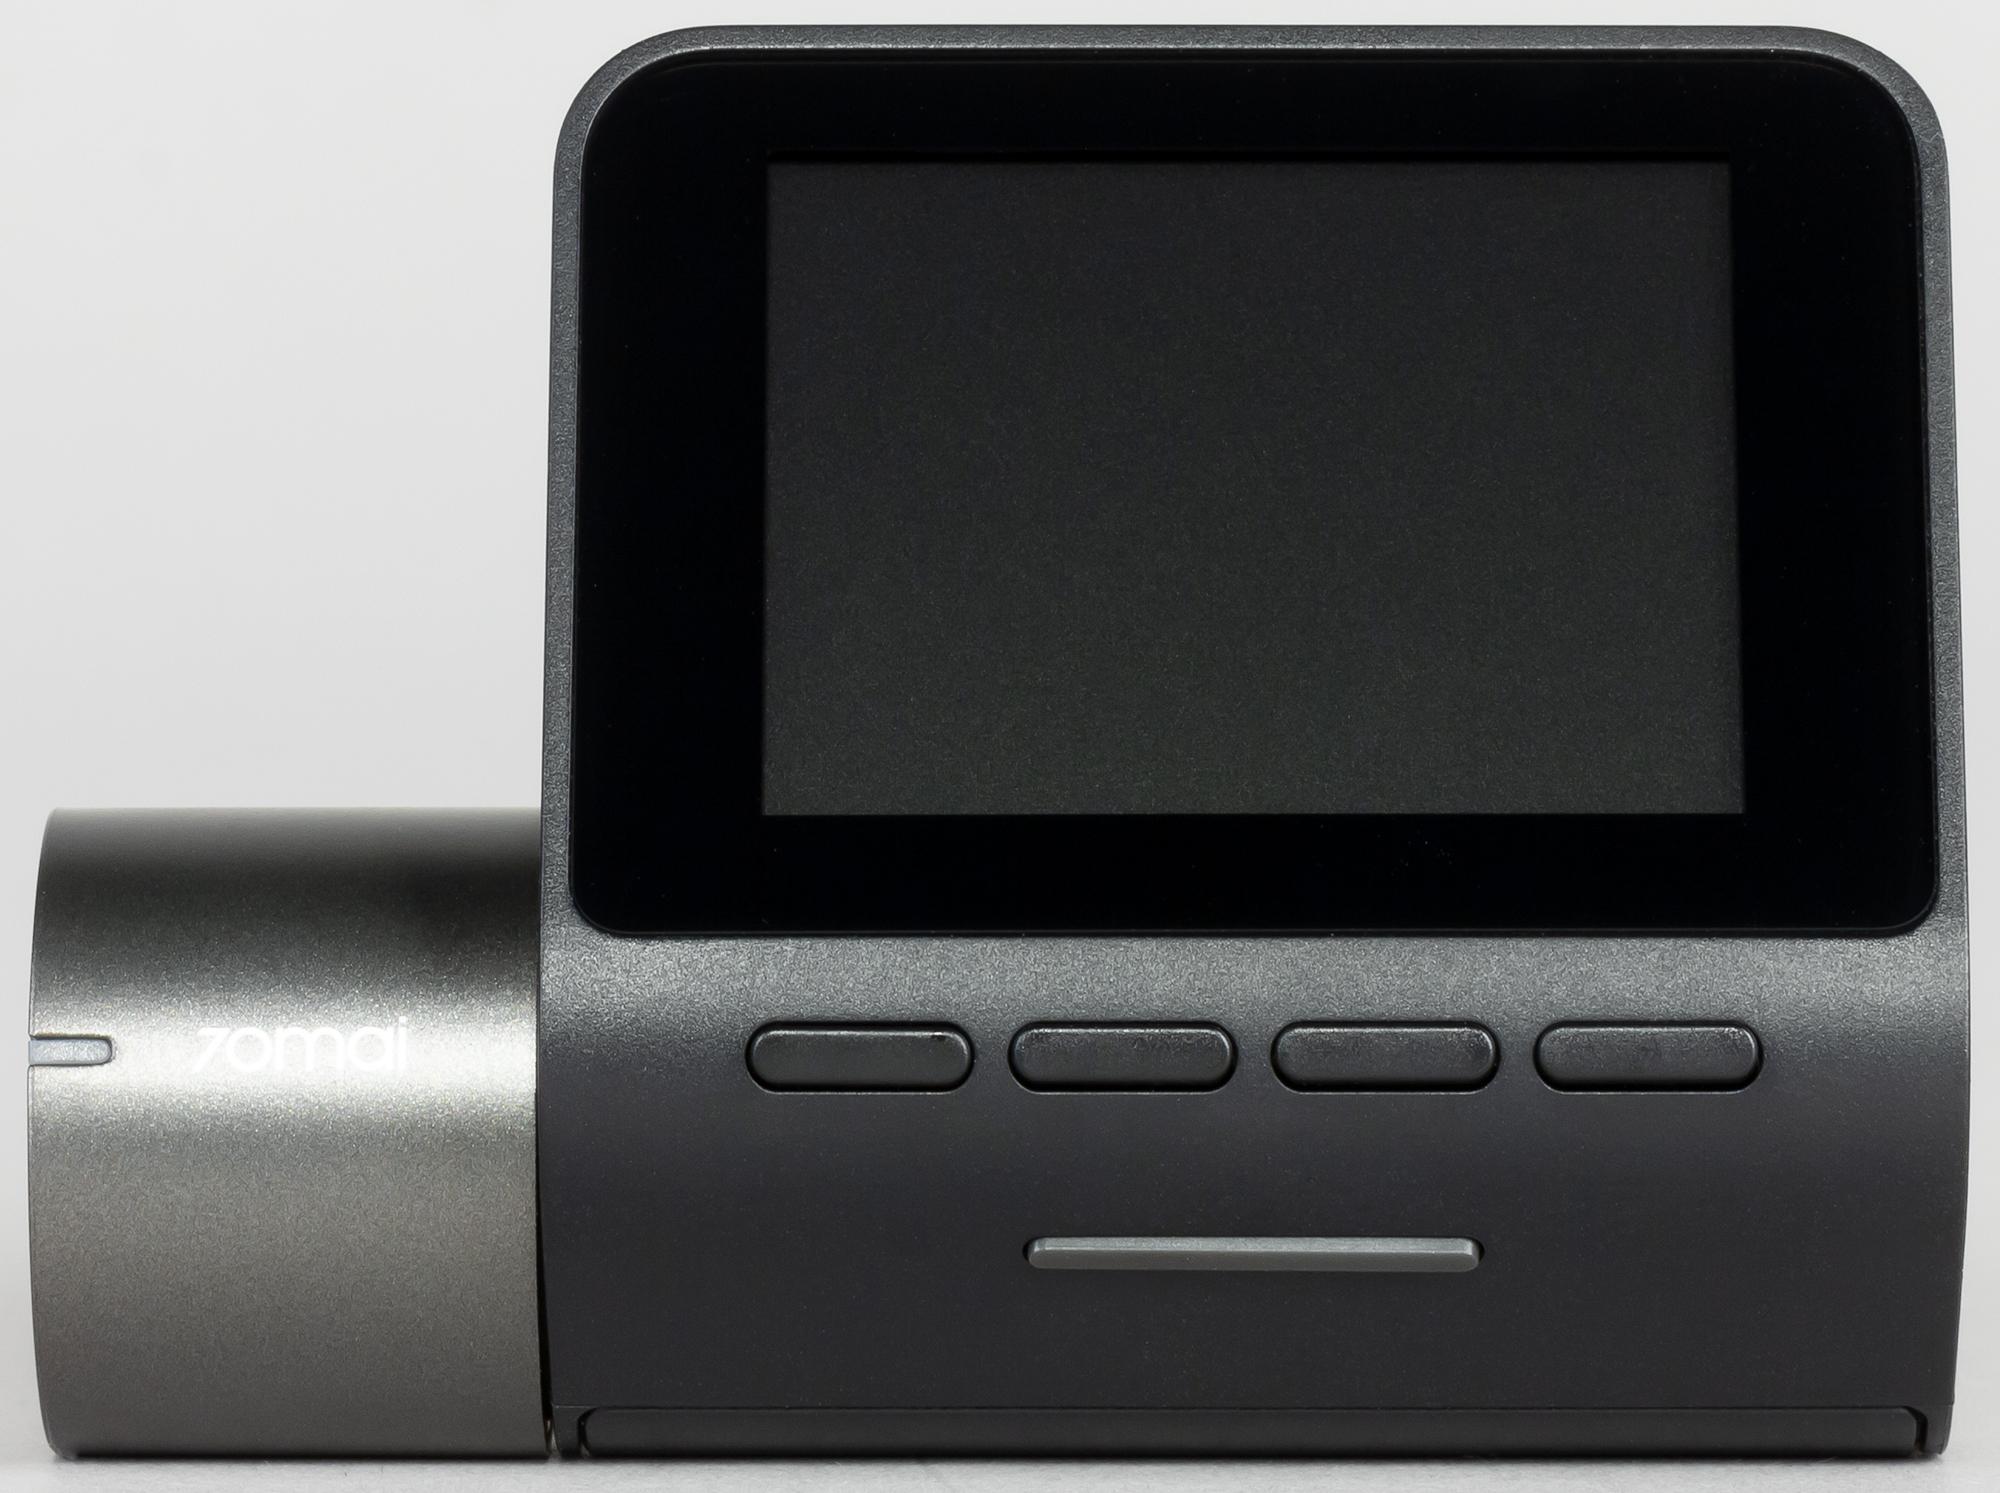 Под дисплеем расположено 5 кнопок, 4 небольших и 1 большая